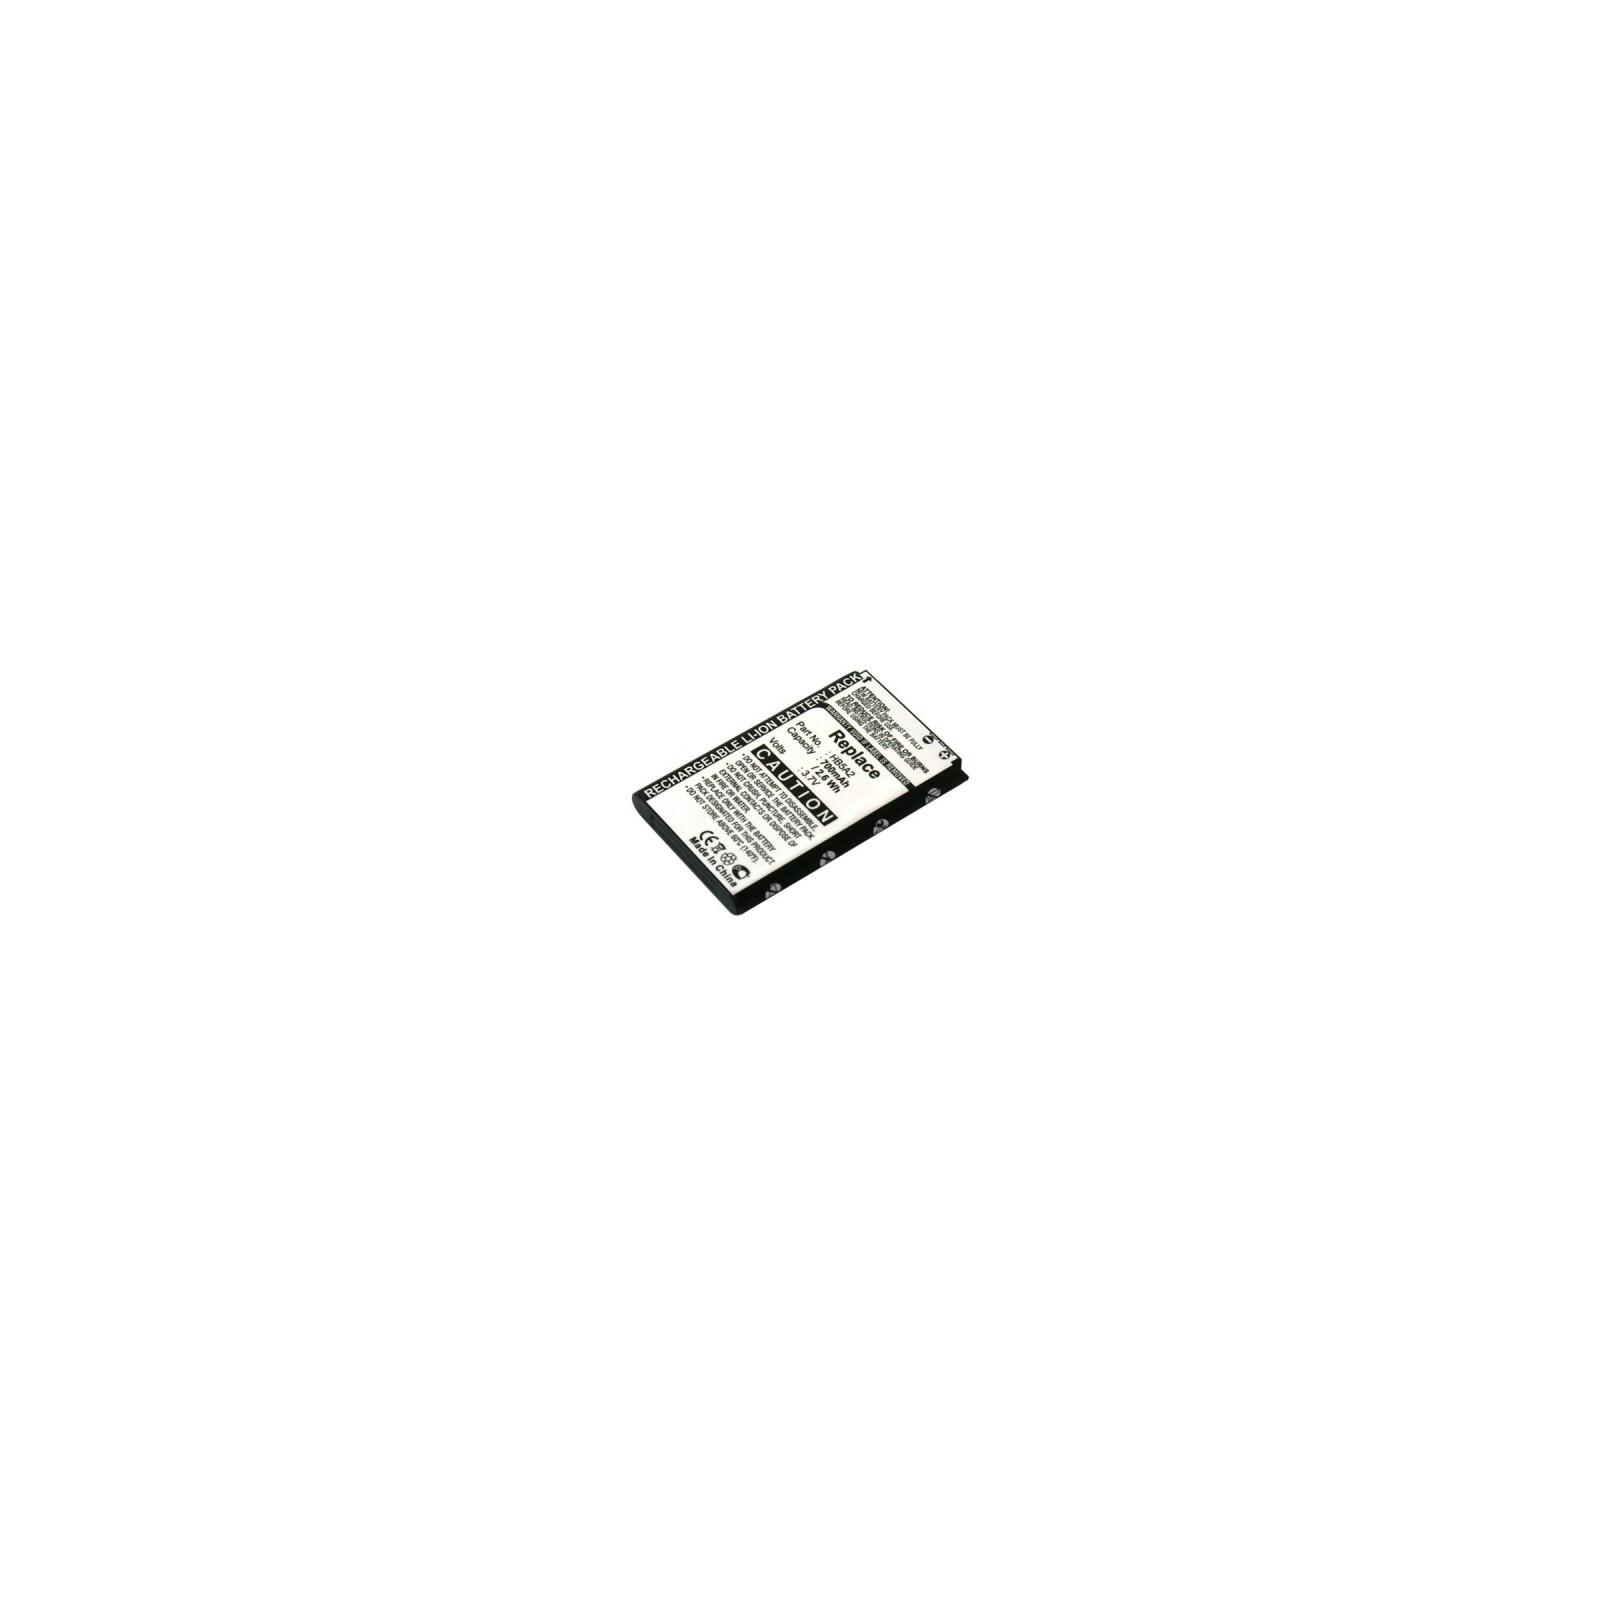 AGI Akku Huawei E5805 700mAh